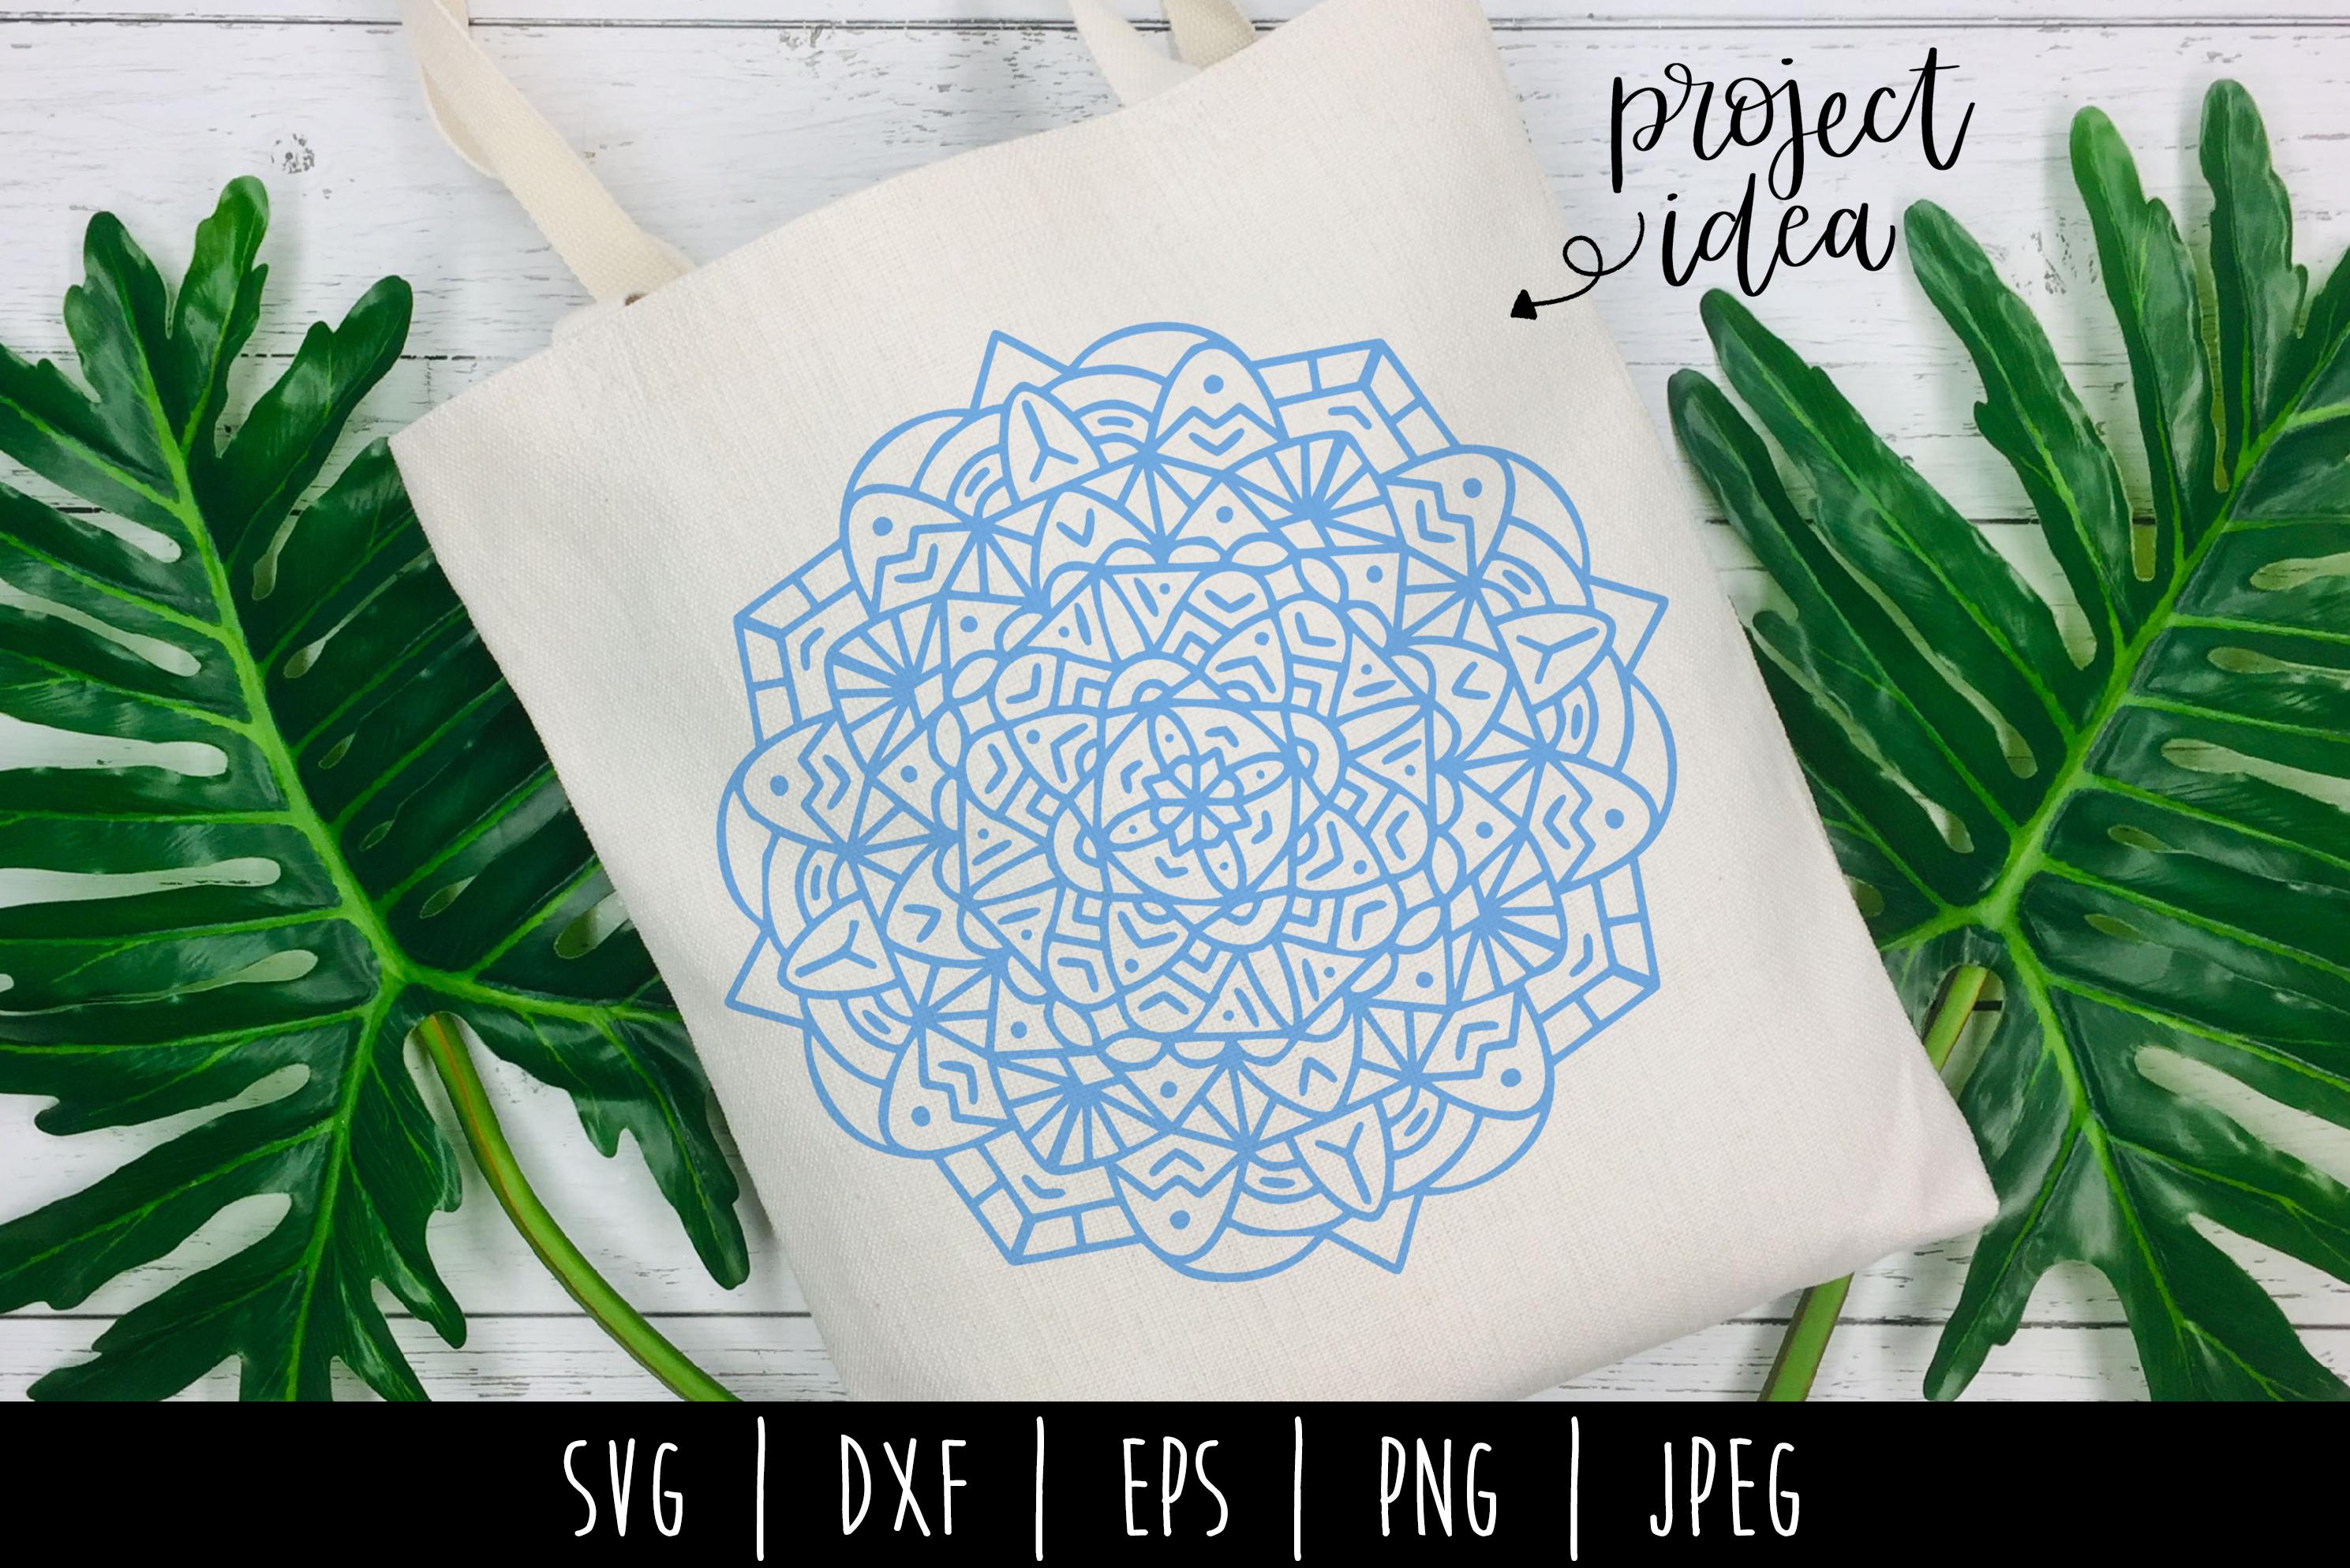 Mandala SVG, DXF, EPS, PNG, JPEG example image 1